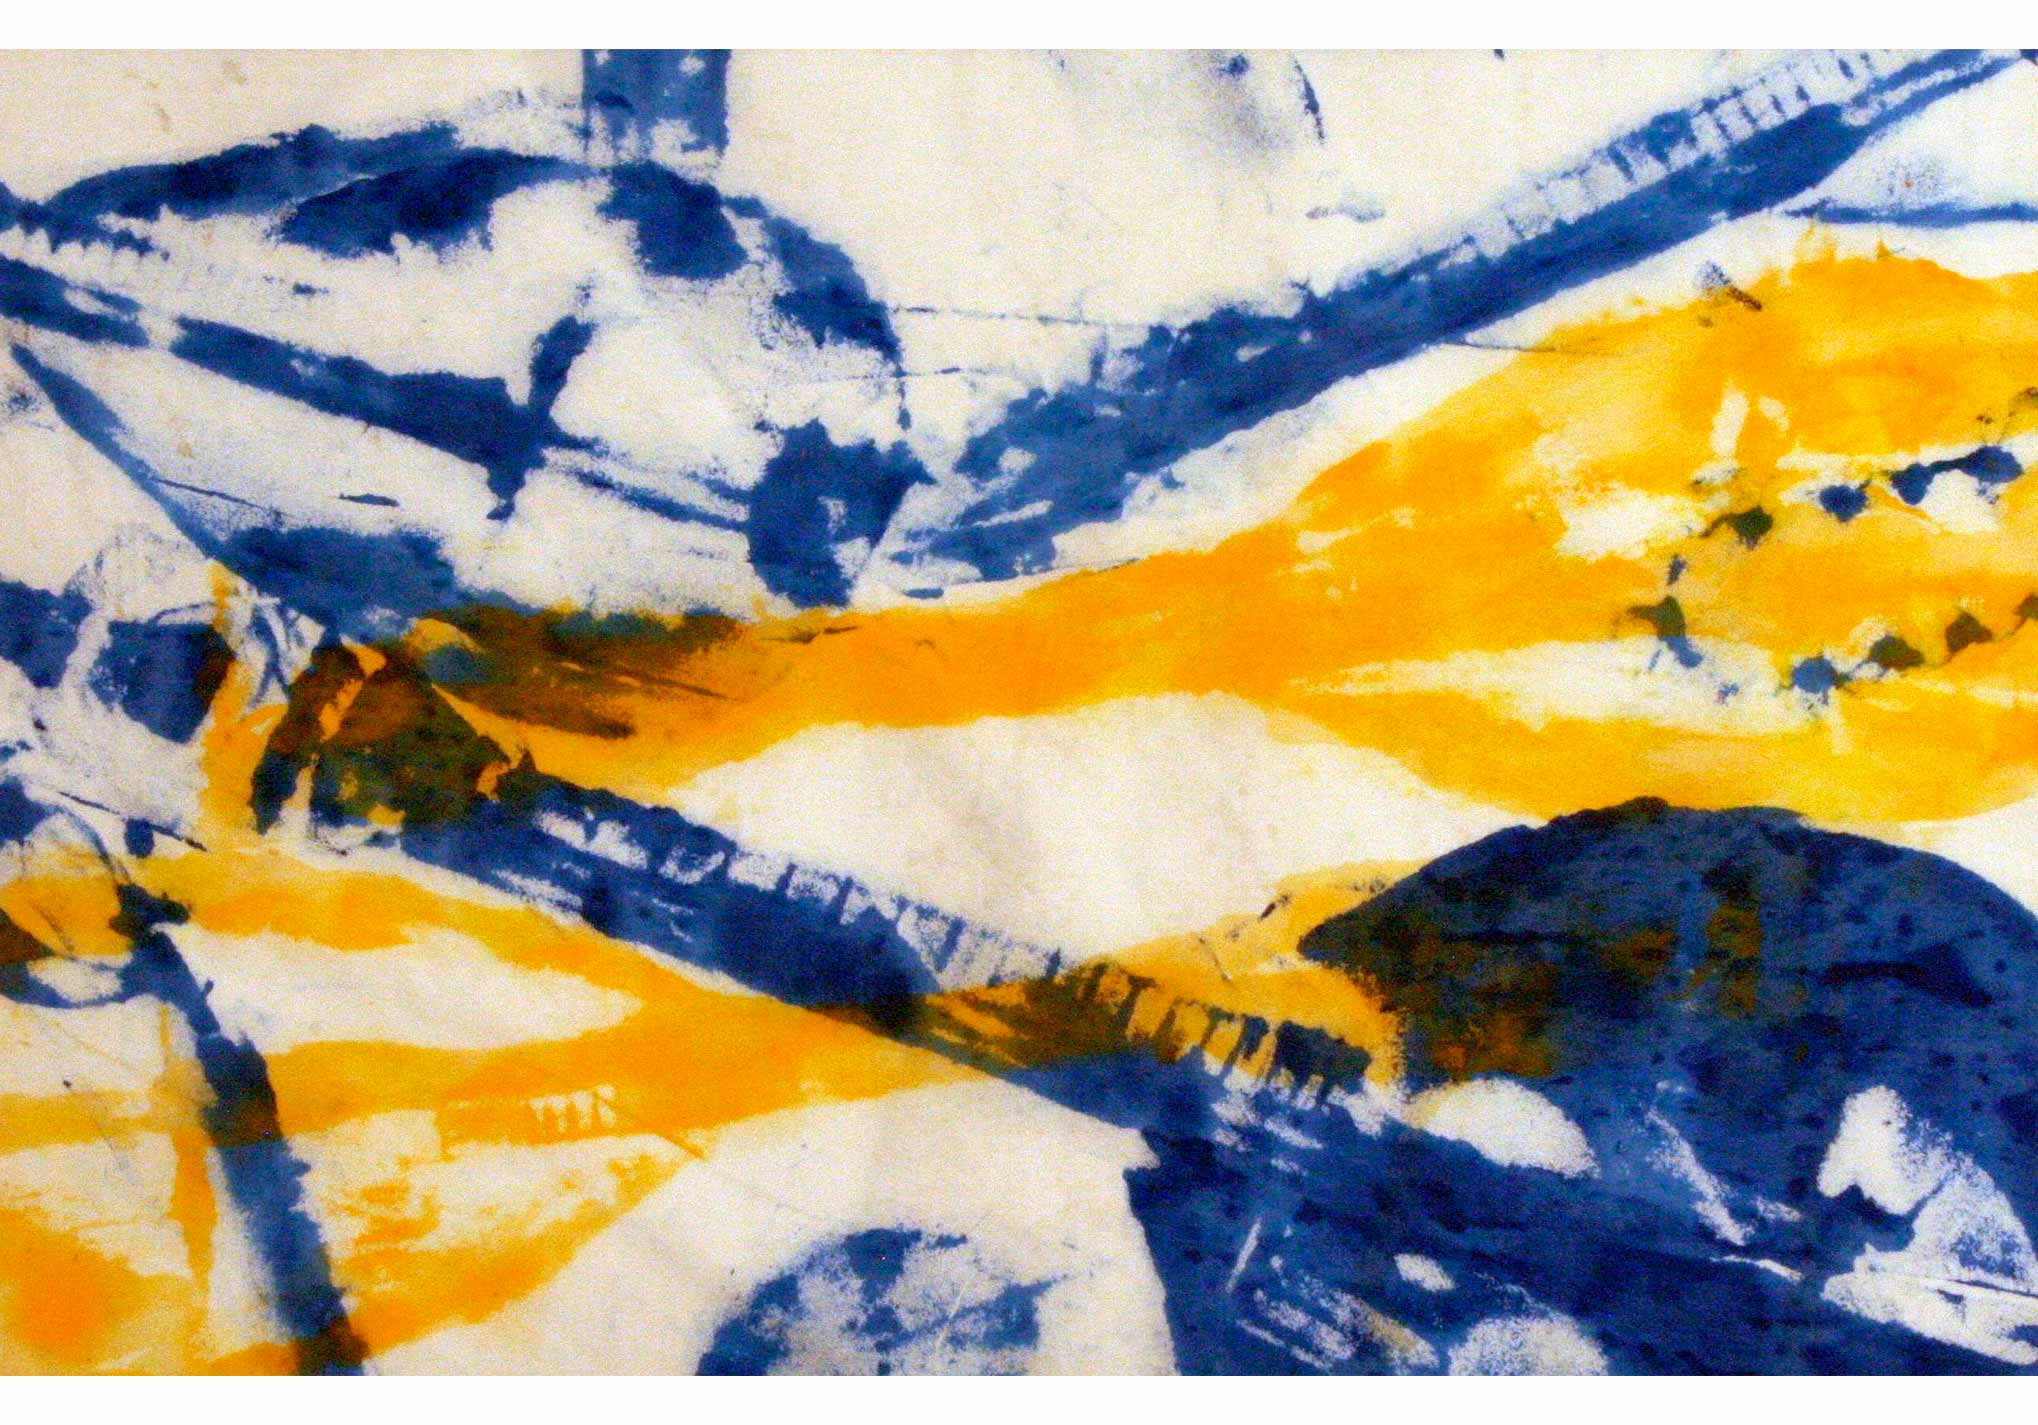 020-Margret-Döring---Lautenklang-blaugelb